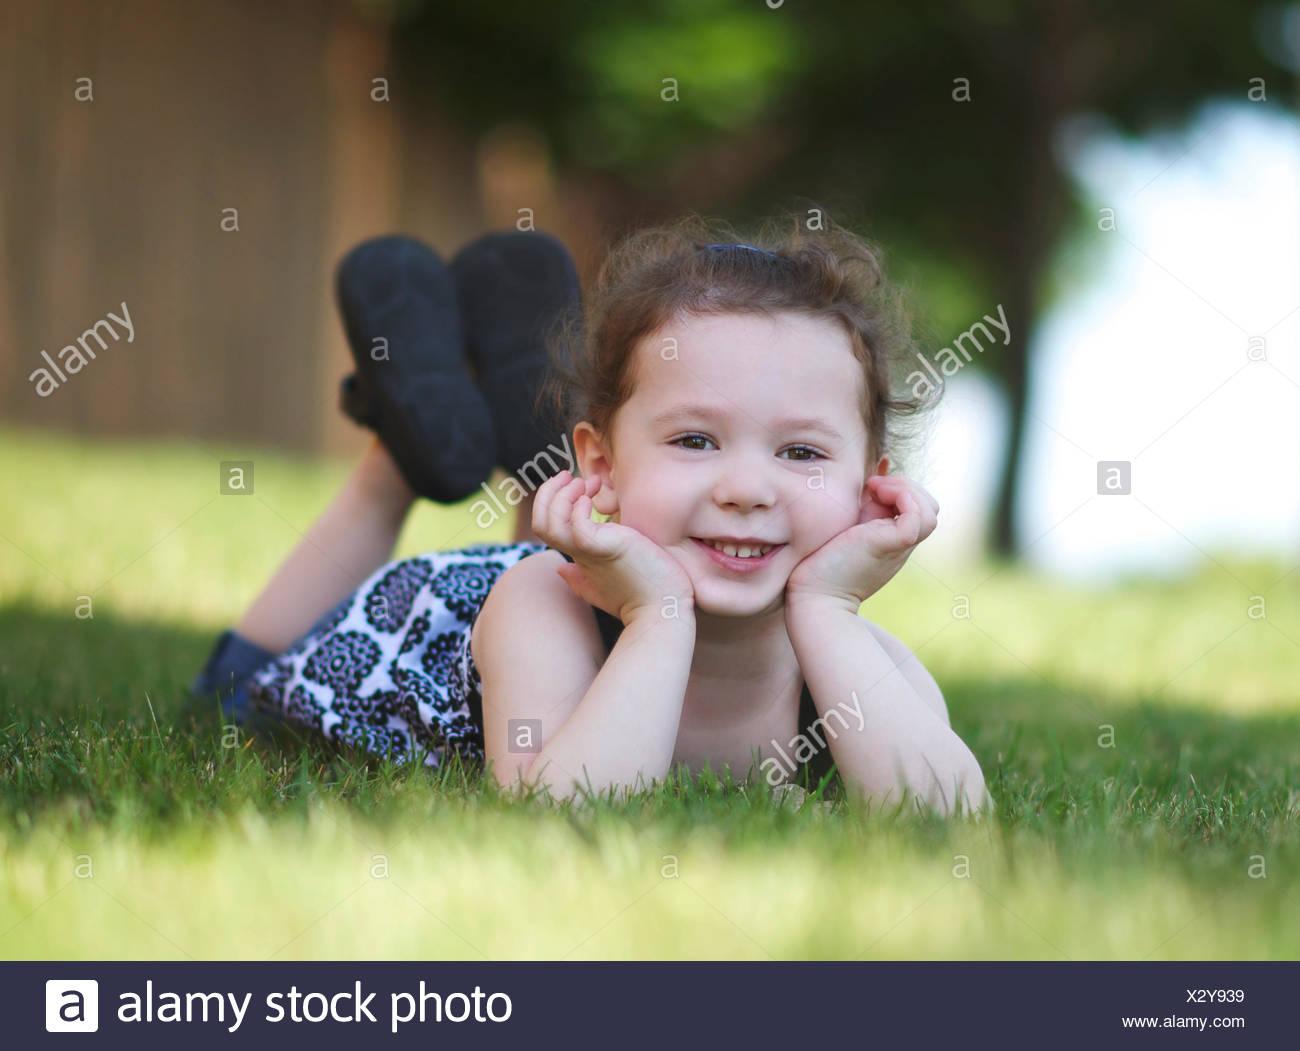 Glückliche Mädchen (4-5) posiert auf dem Rasen Stockbild